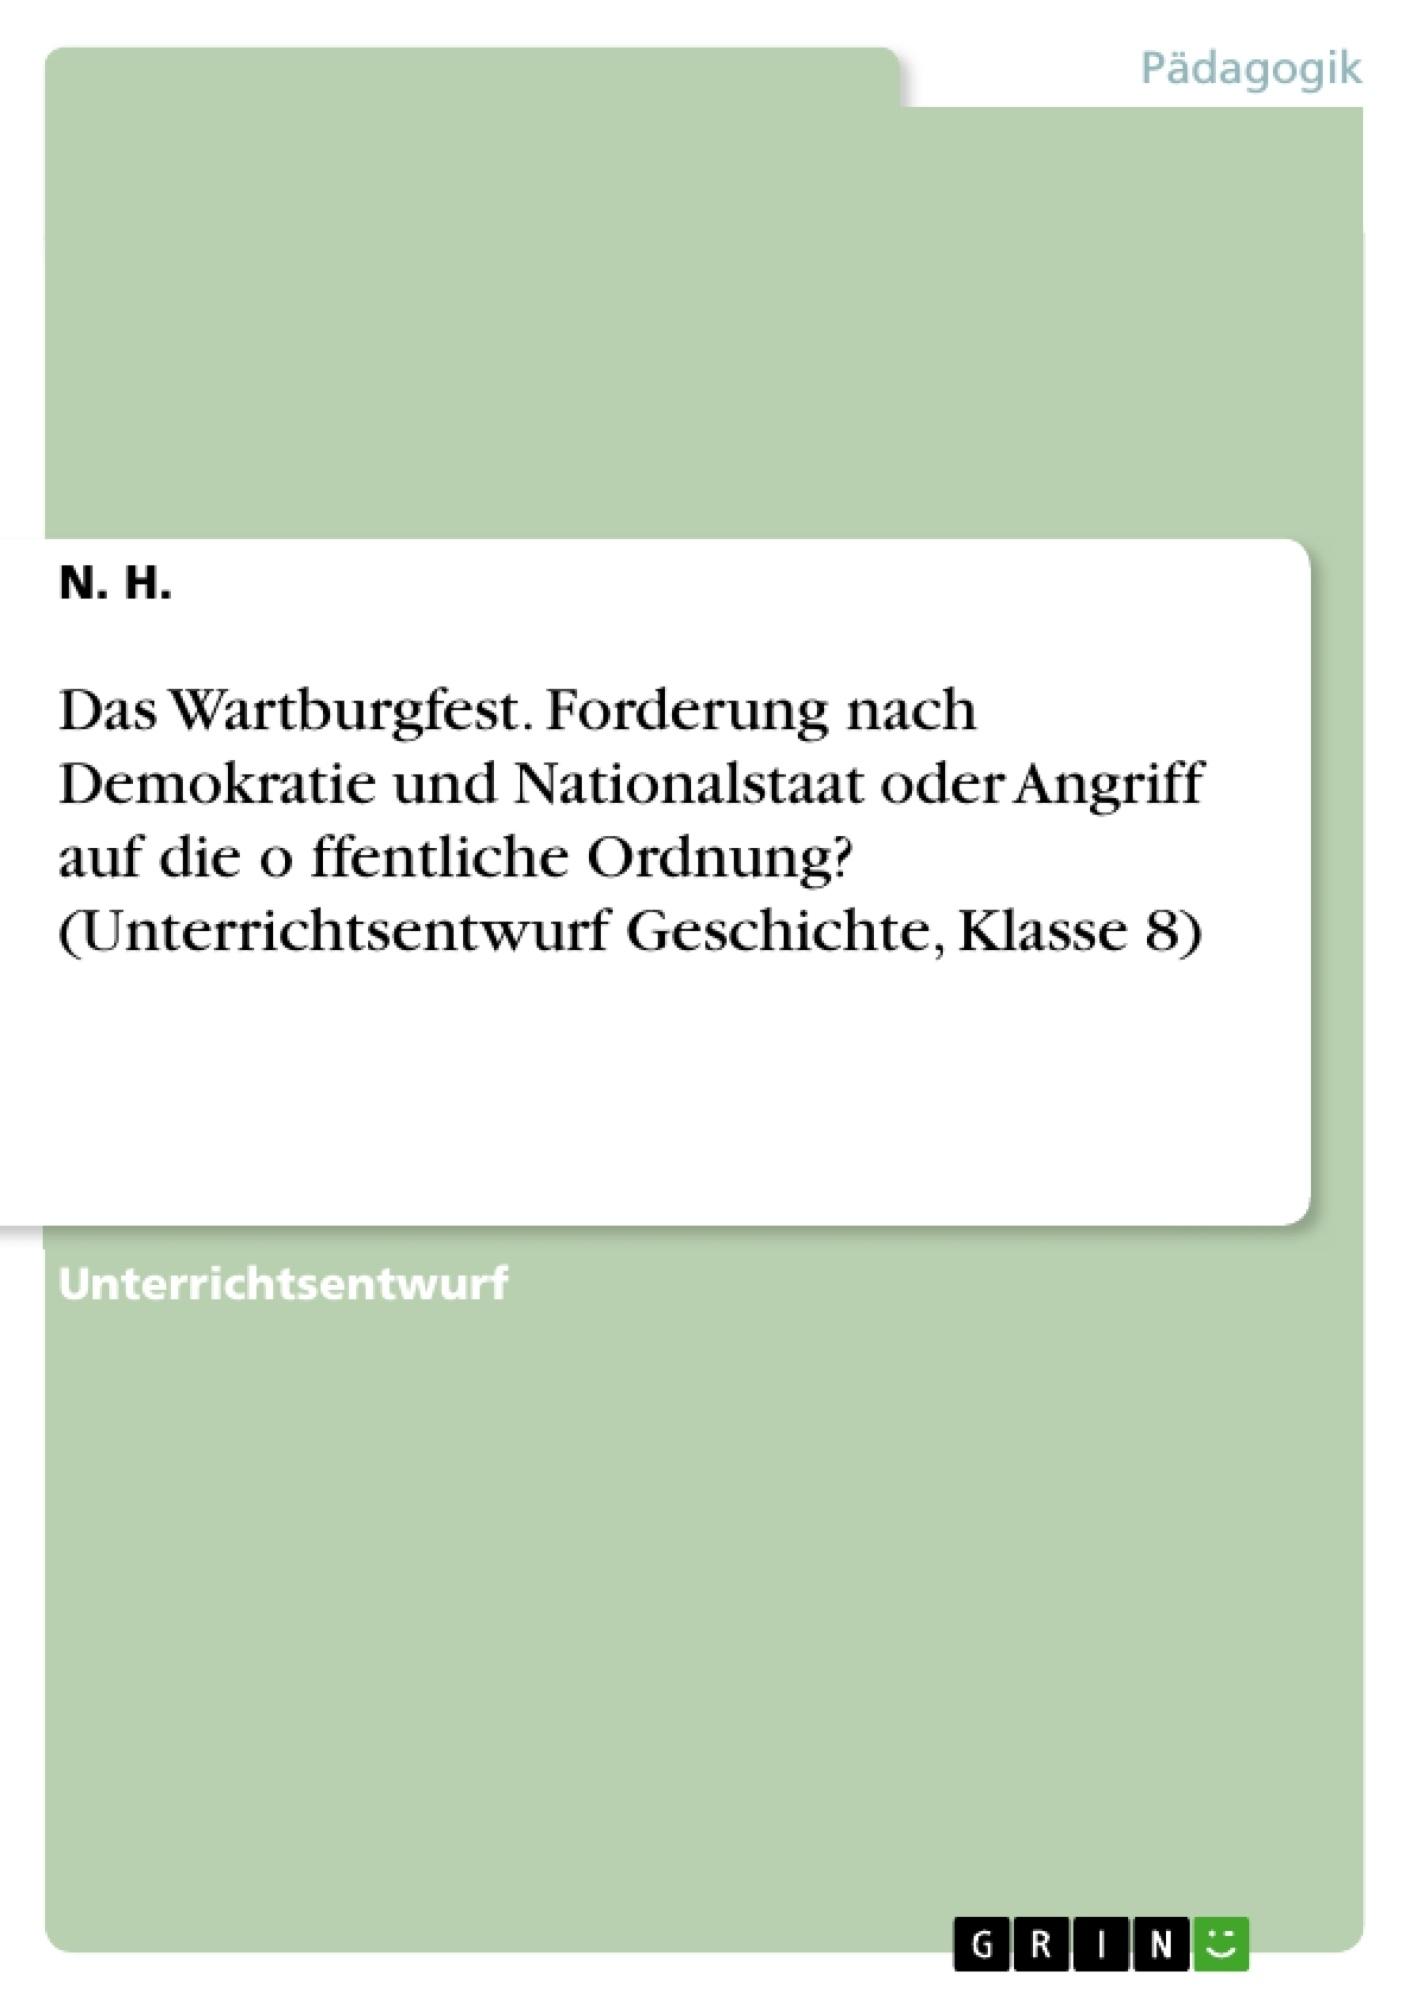 Titel: Das Wartburgfest. Forderung nach Demokratie und Nationalstaat oder Angriff auf die öffentliche Ordnung? (Unterrichtsentwurf Geschichte, Klasse 8)